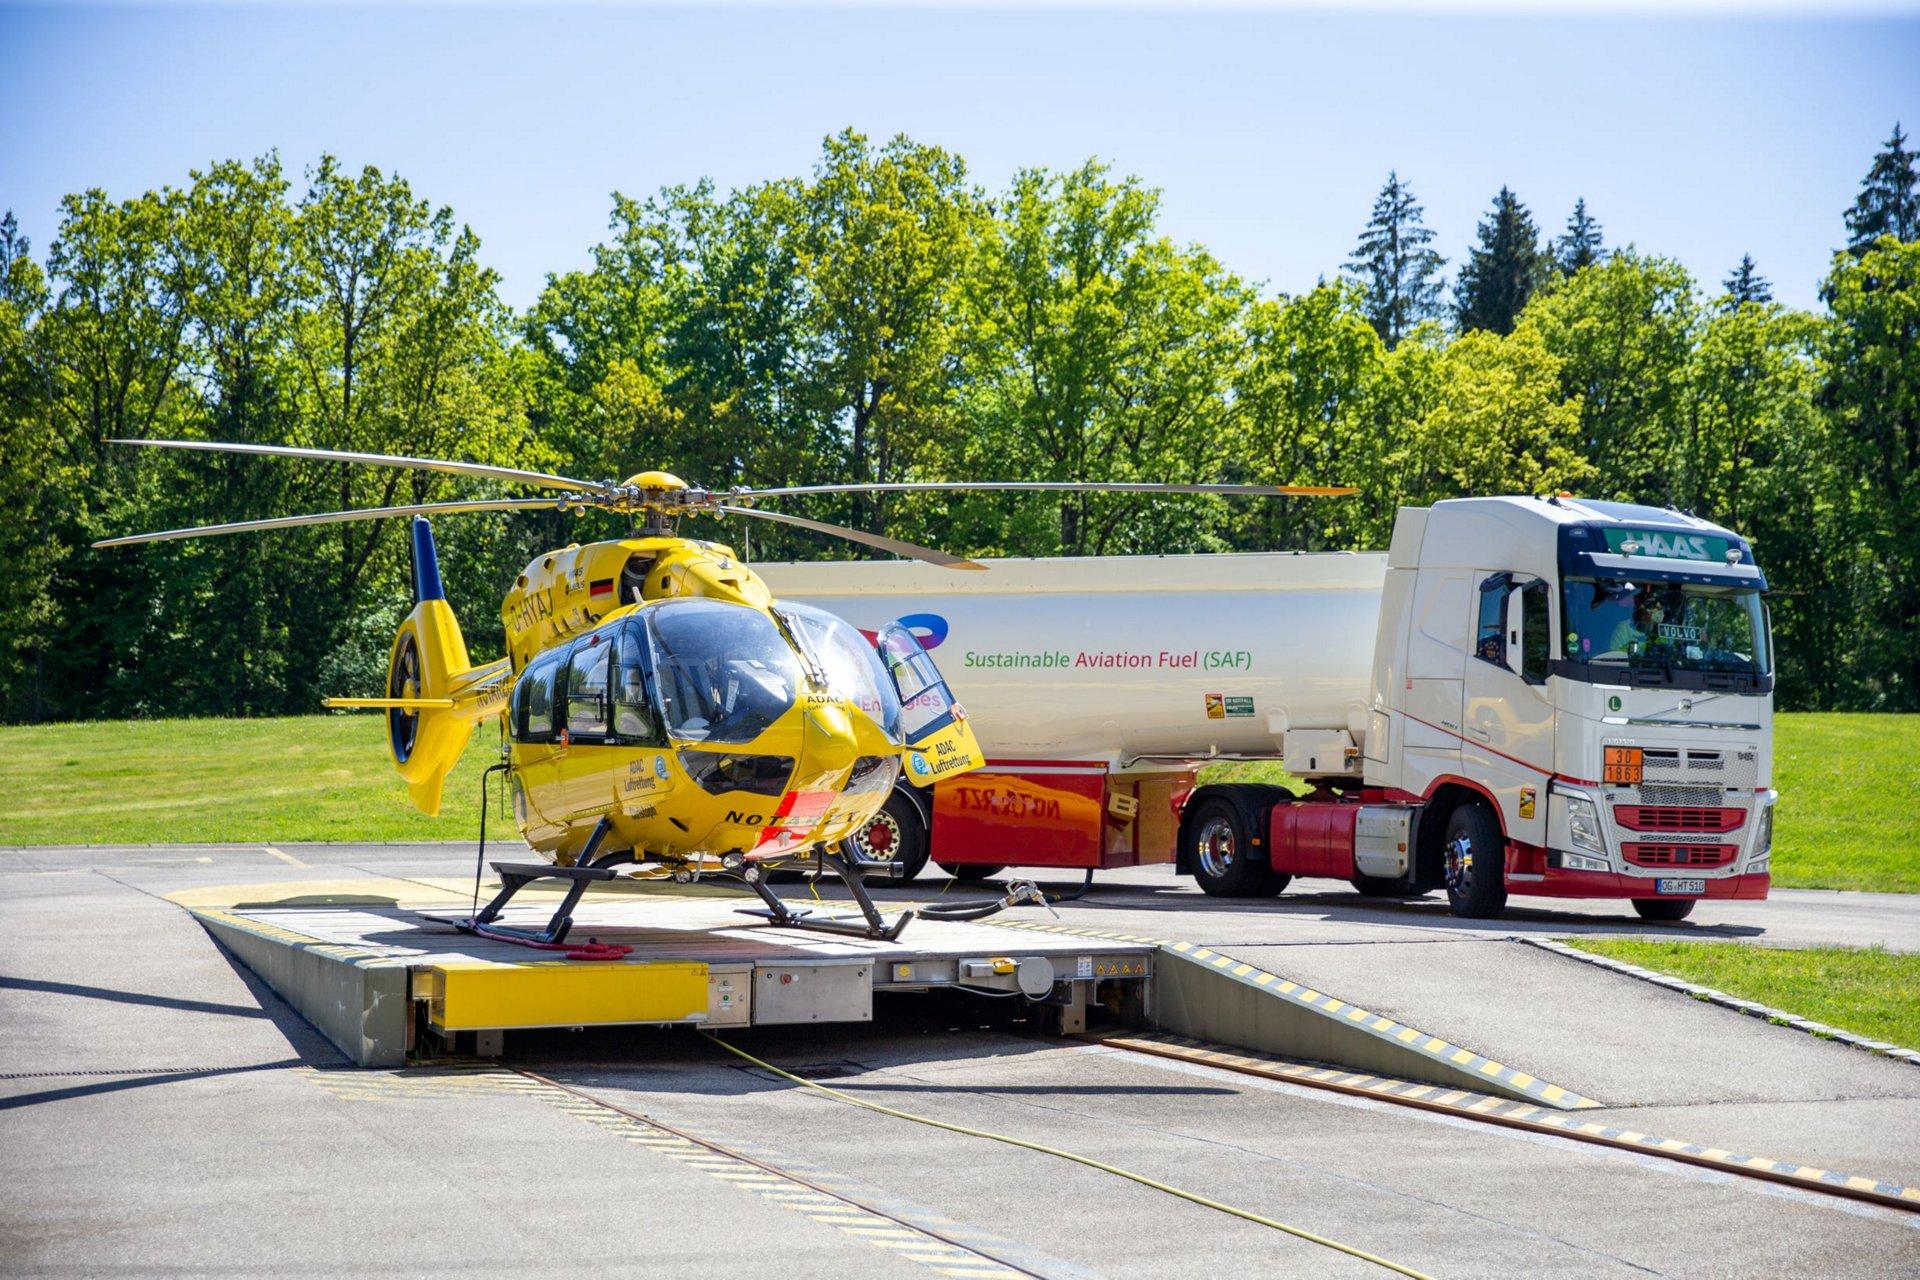 救援直升机首次在可持续的航空燃料(SAF)上飞行,实现了国际航空的新里程碑。